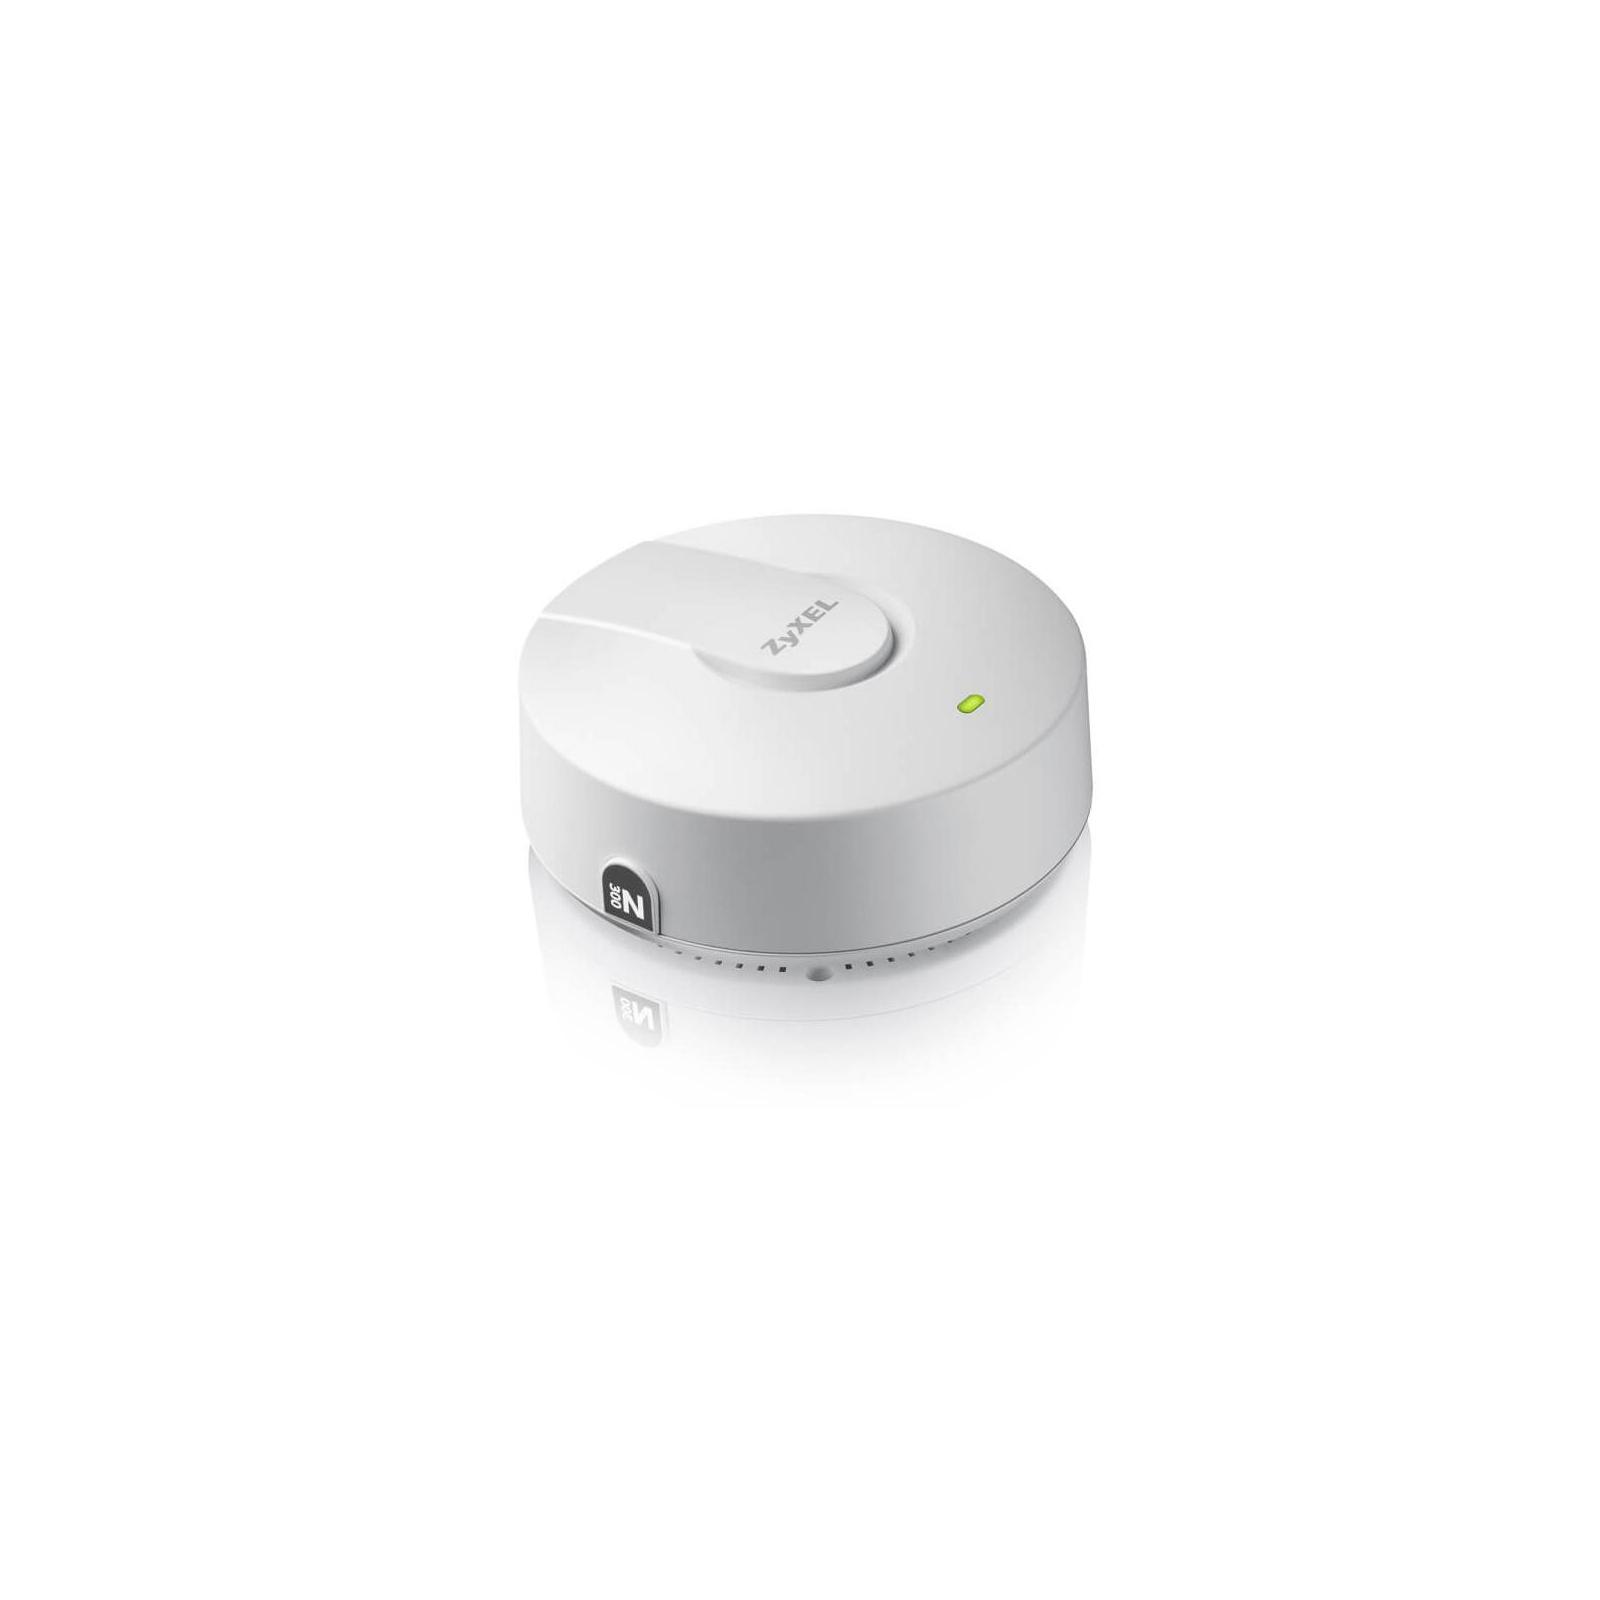 Точка доступа Wi-Fi ZyXel NWA5121-NI изображение 2